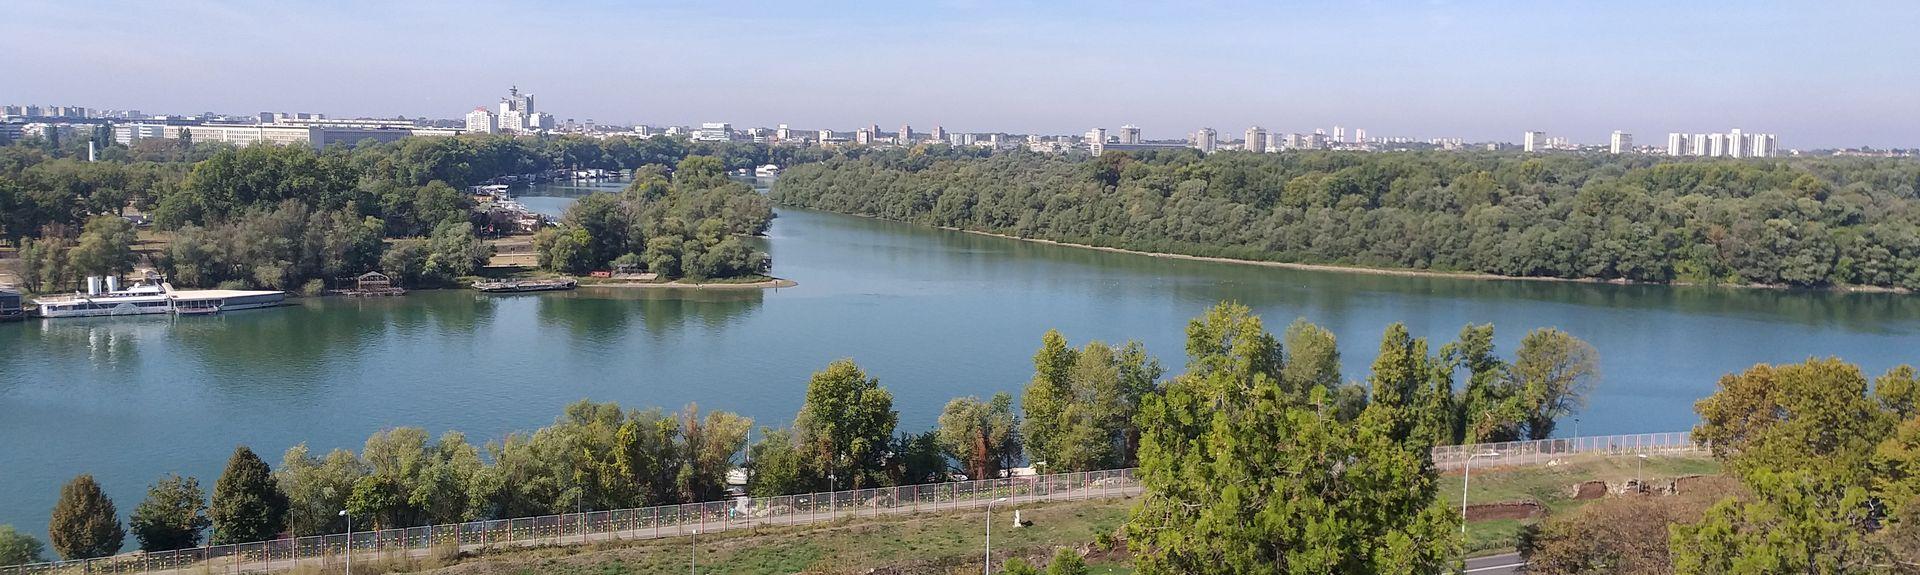 Dorćol, Belgrado, Sérvia Central, Sérvia